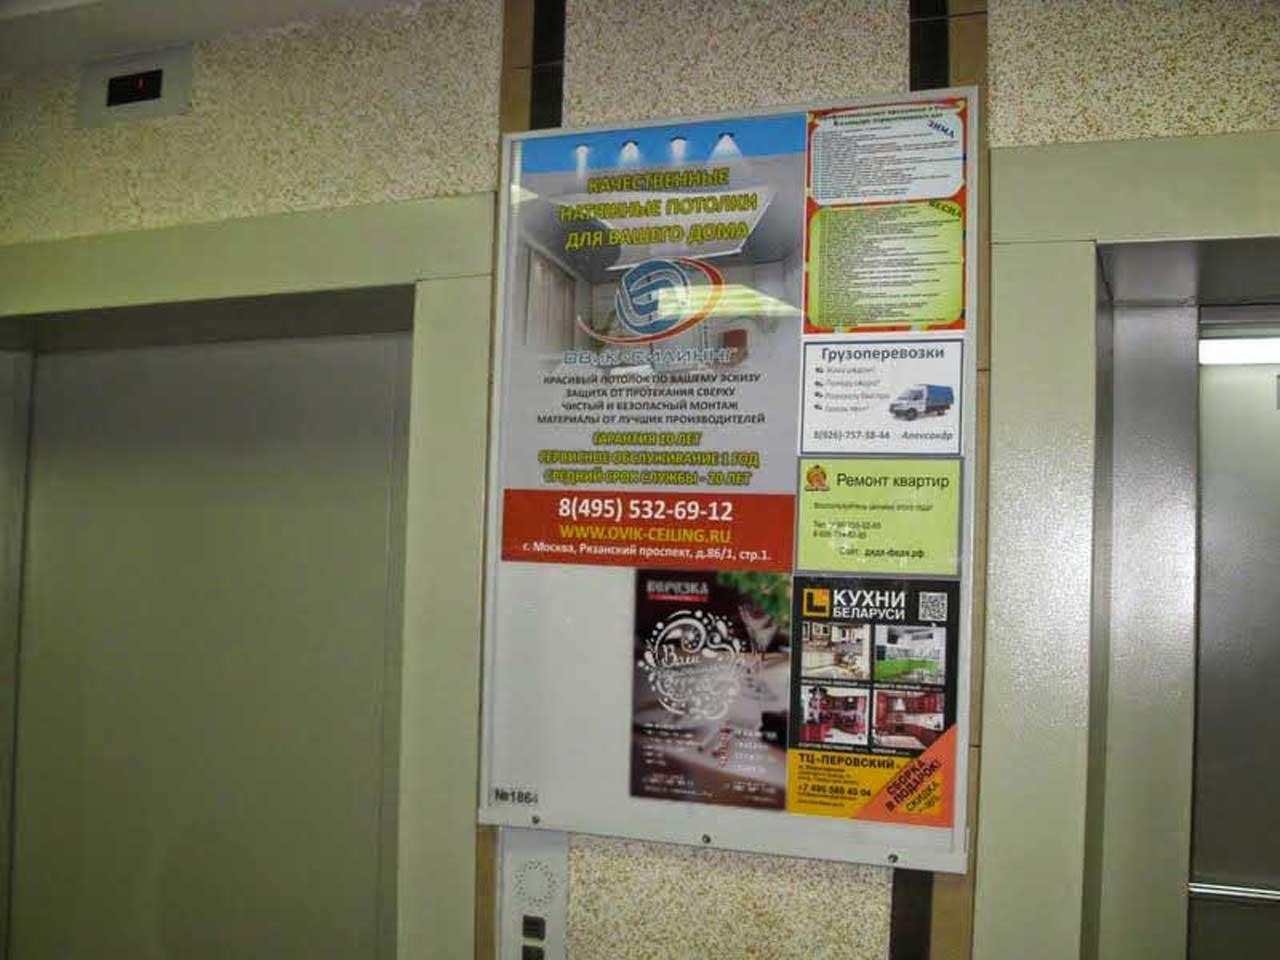 Размещение рекламных и информационных объявлений на информационных стендах бесплатно разместить объявление о сдаче дома на новогодние праздники